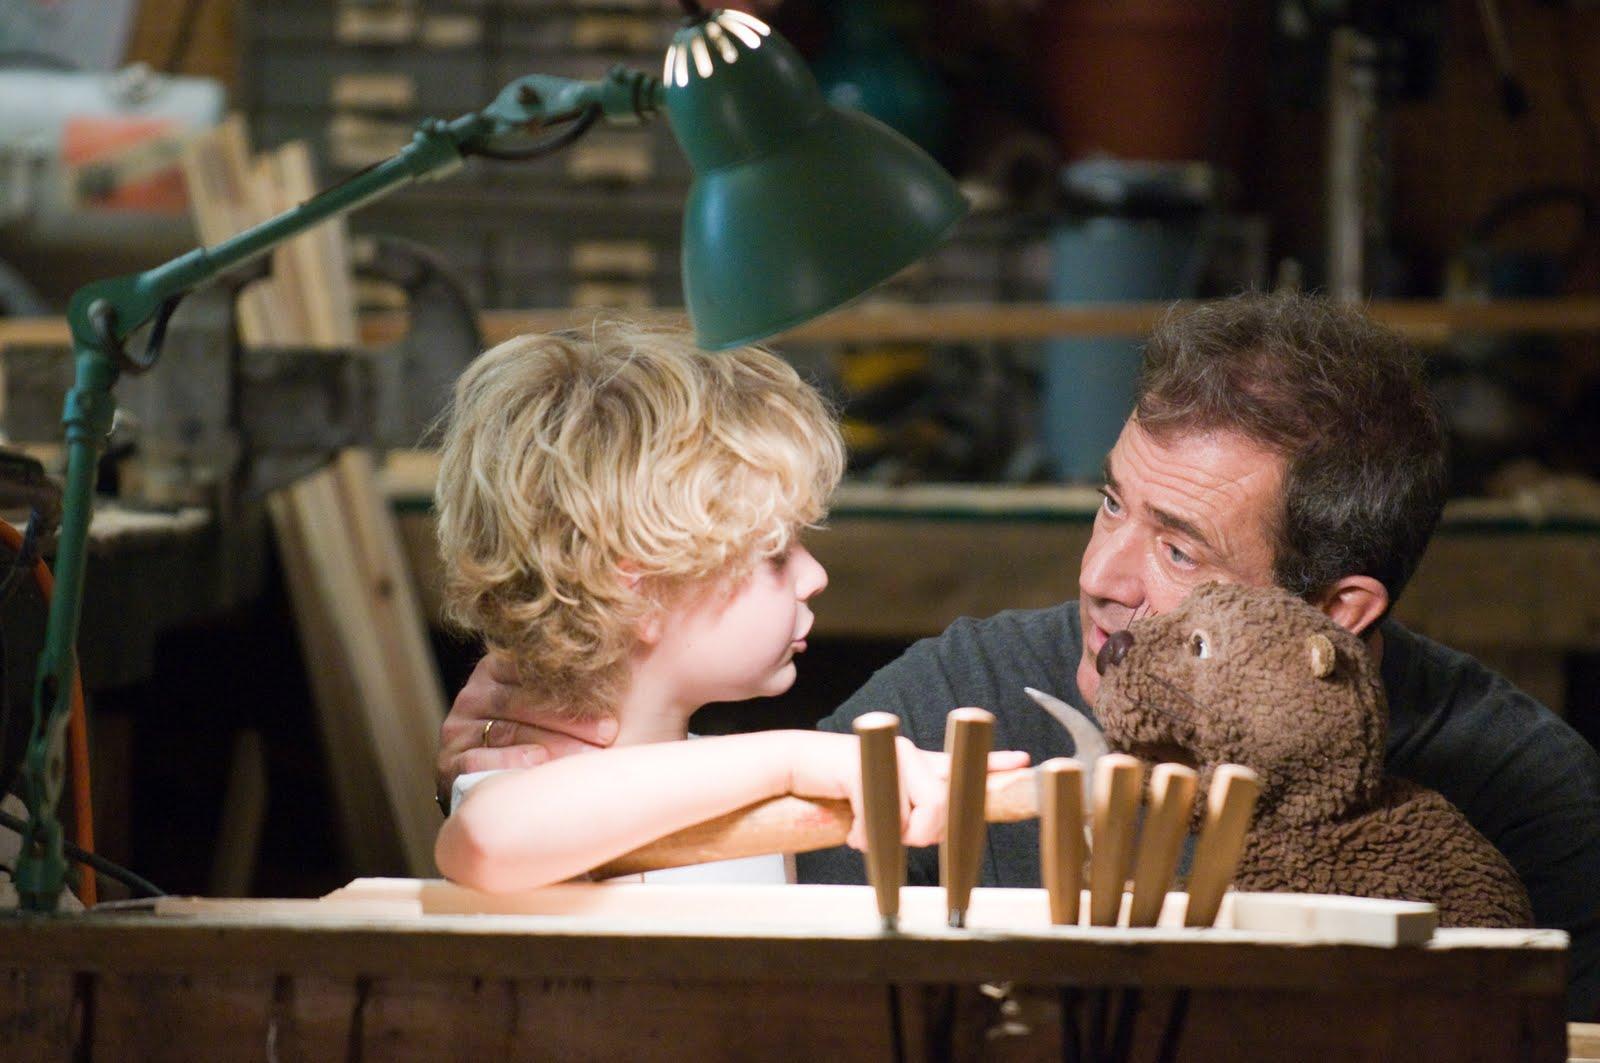 http://4.bp.blogspot.com/-GlF9GD8mCS4/TgJEKxzaKuI/AAAAAAAAANU/qfgvEQgElfY/s1600/The-Beaver-Mel-Gibson-2.jpg